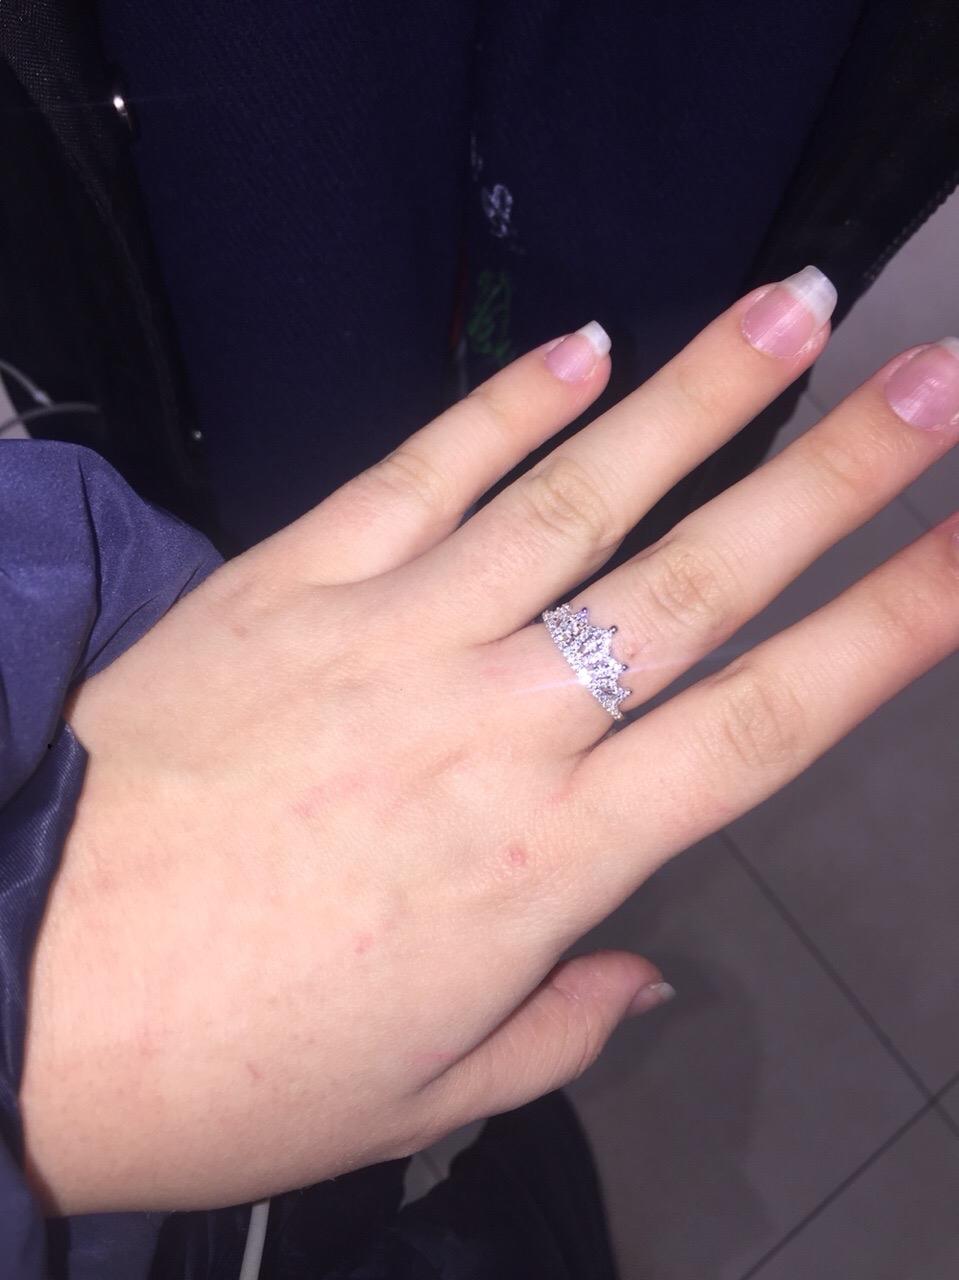 Моя новая любовь - это кольцо